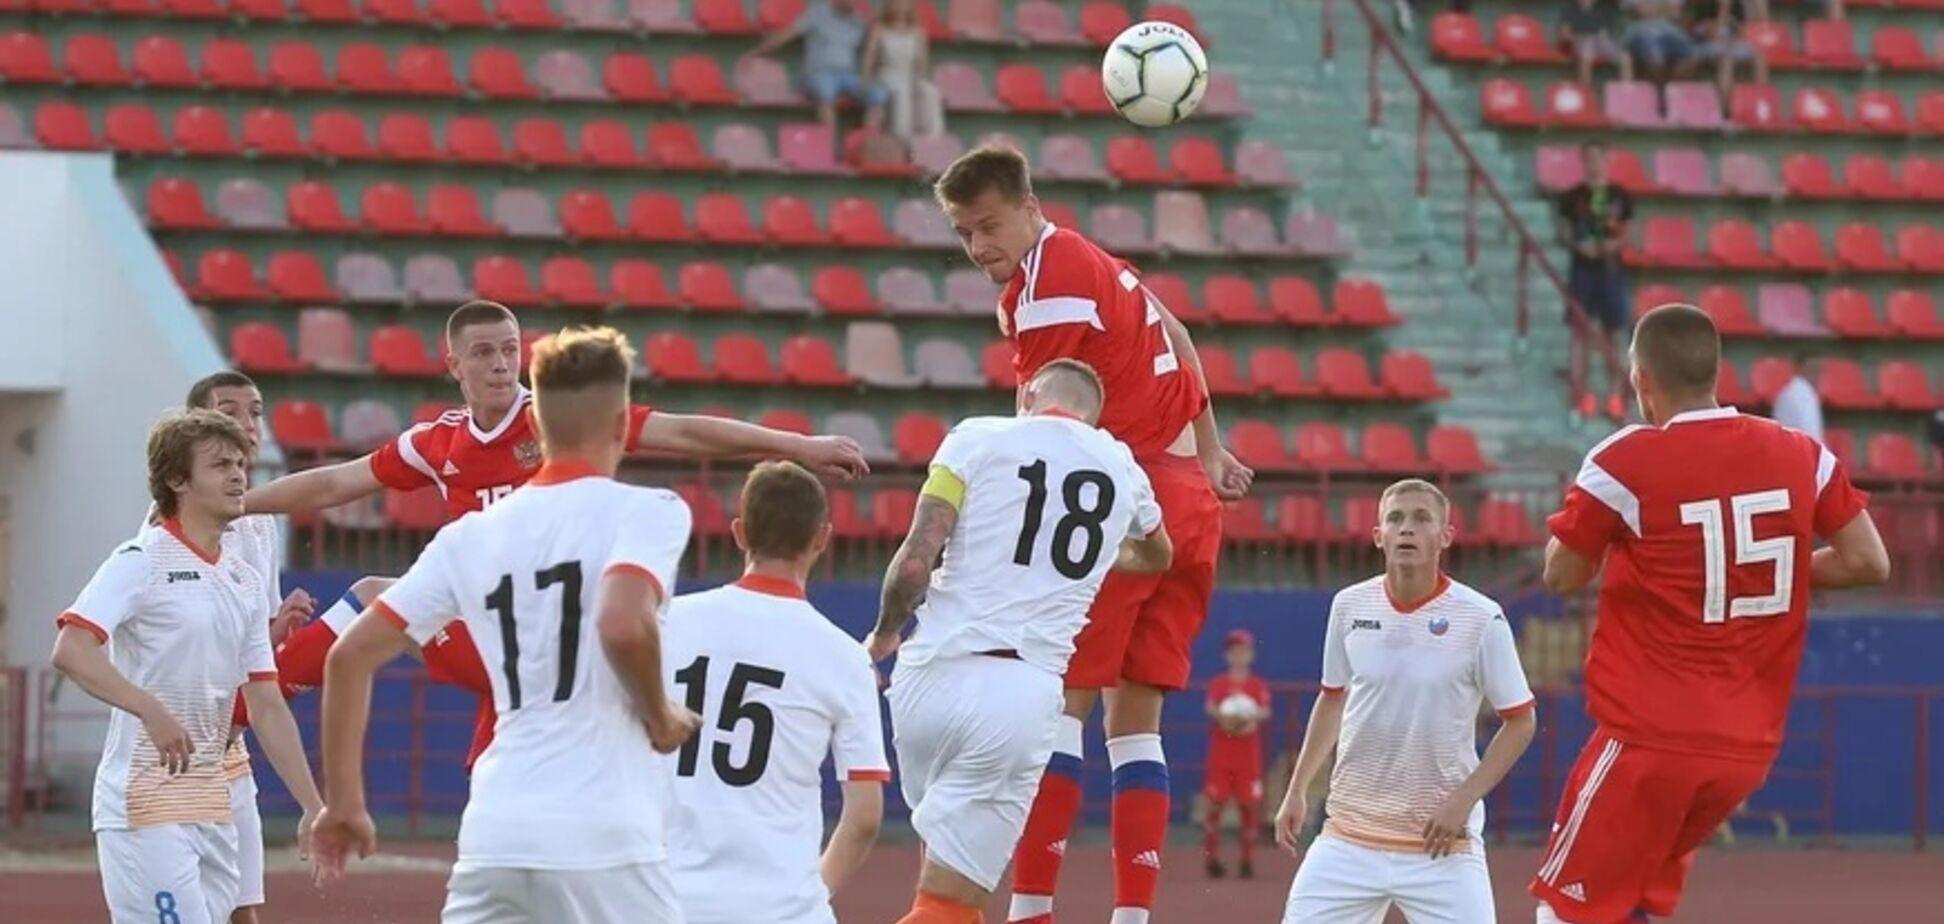 Збірна Росії U-20 пропустила ганебний гол від воротаря з чужої половини поля: відео курйозу